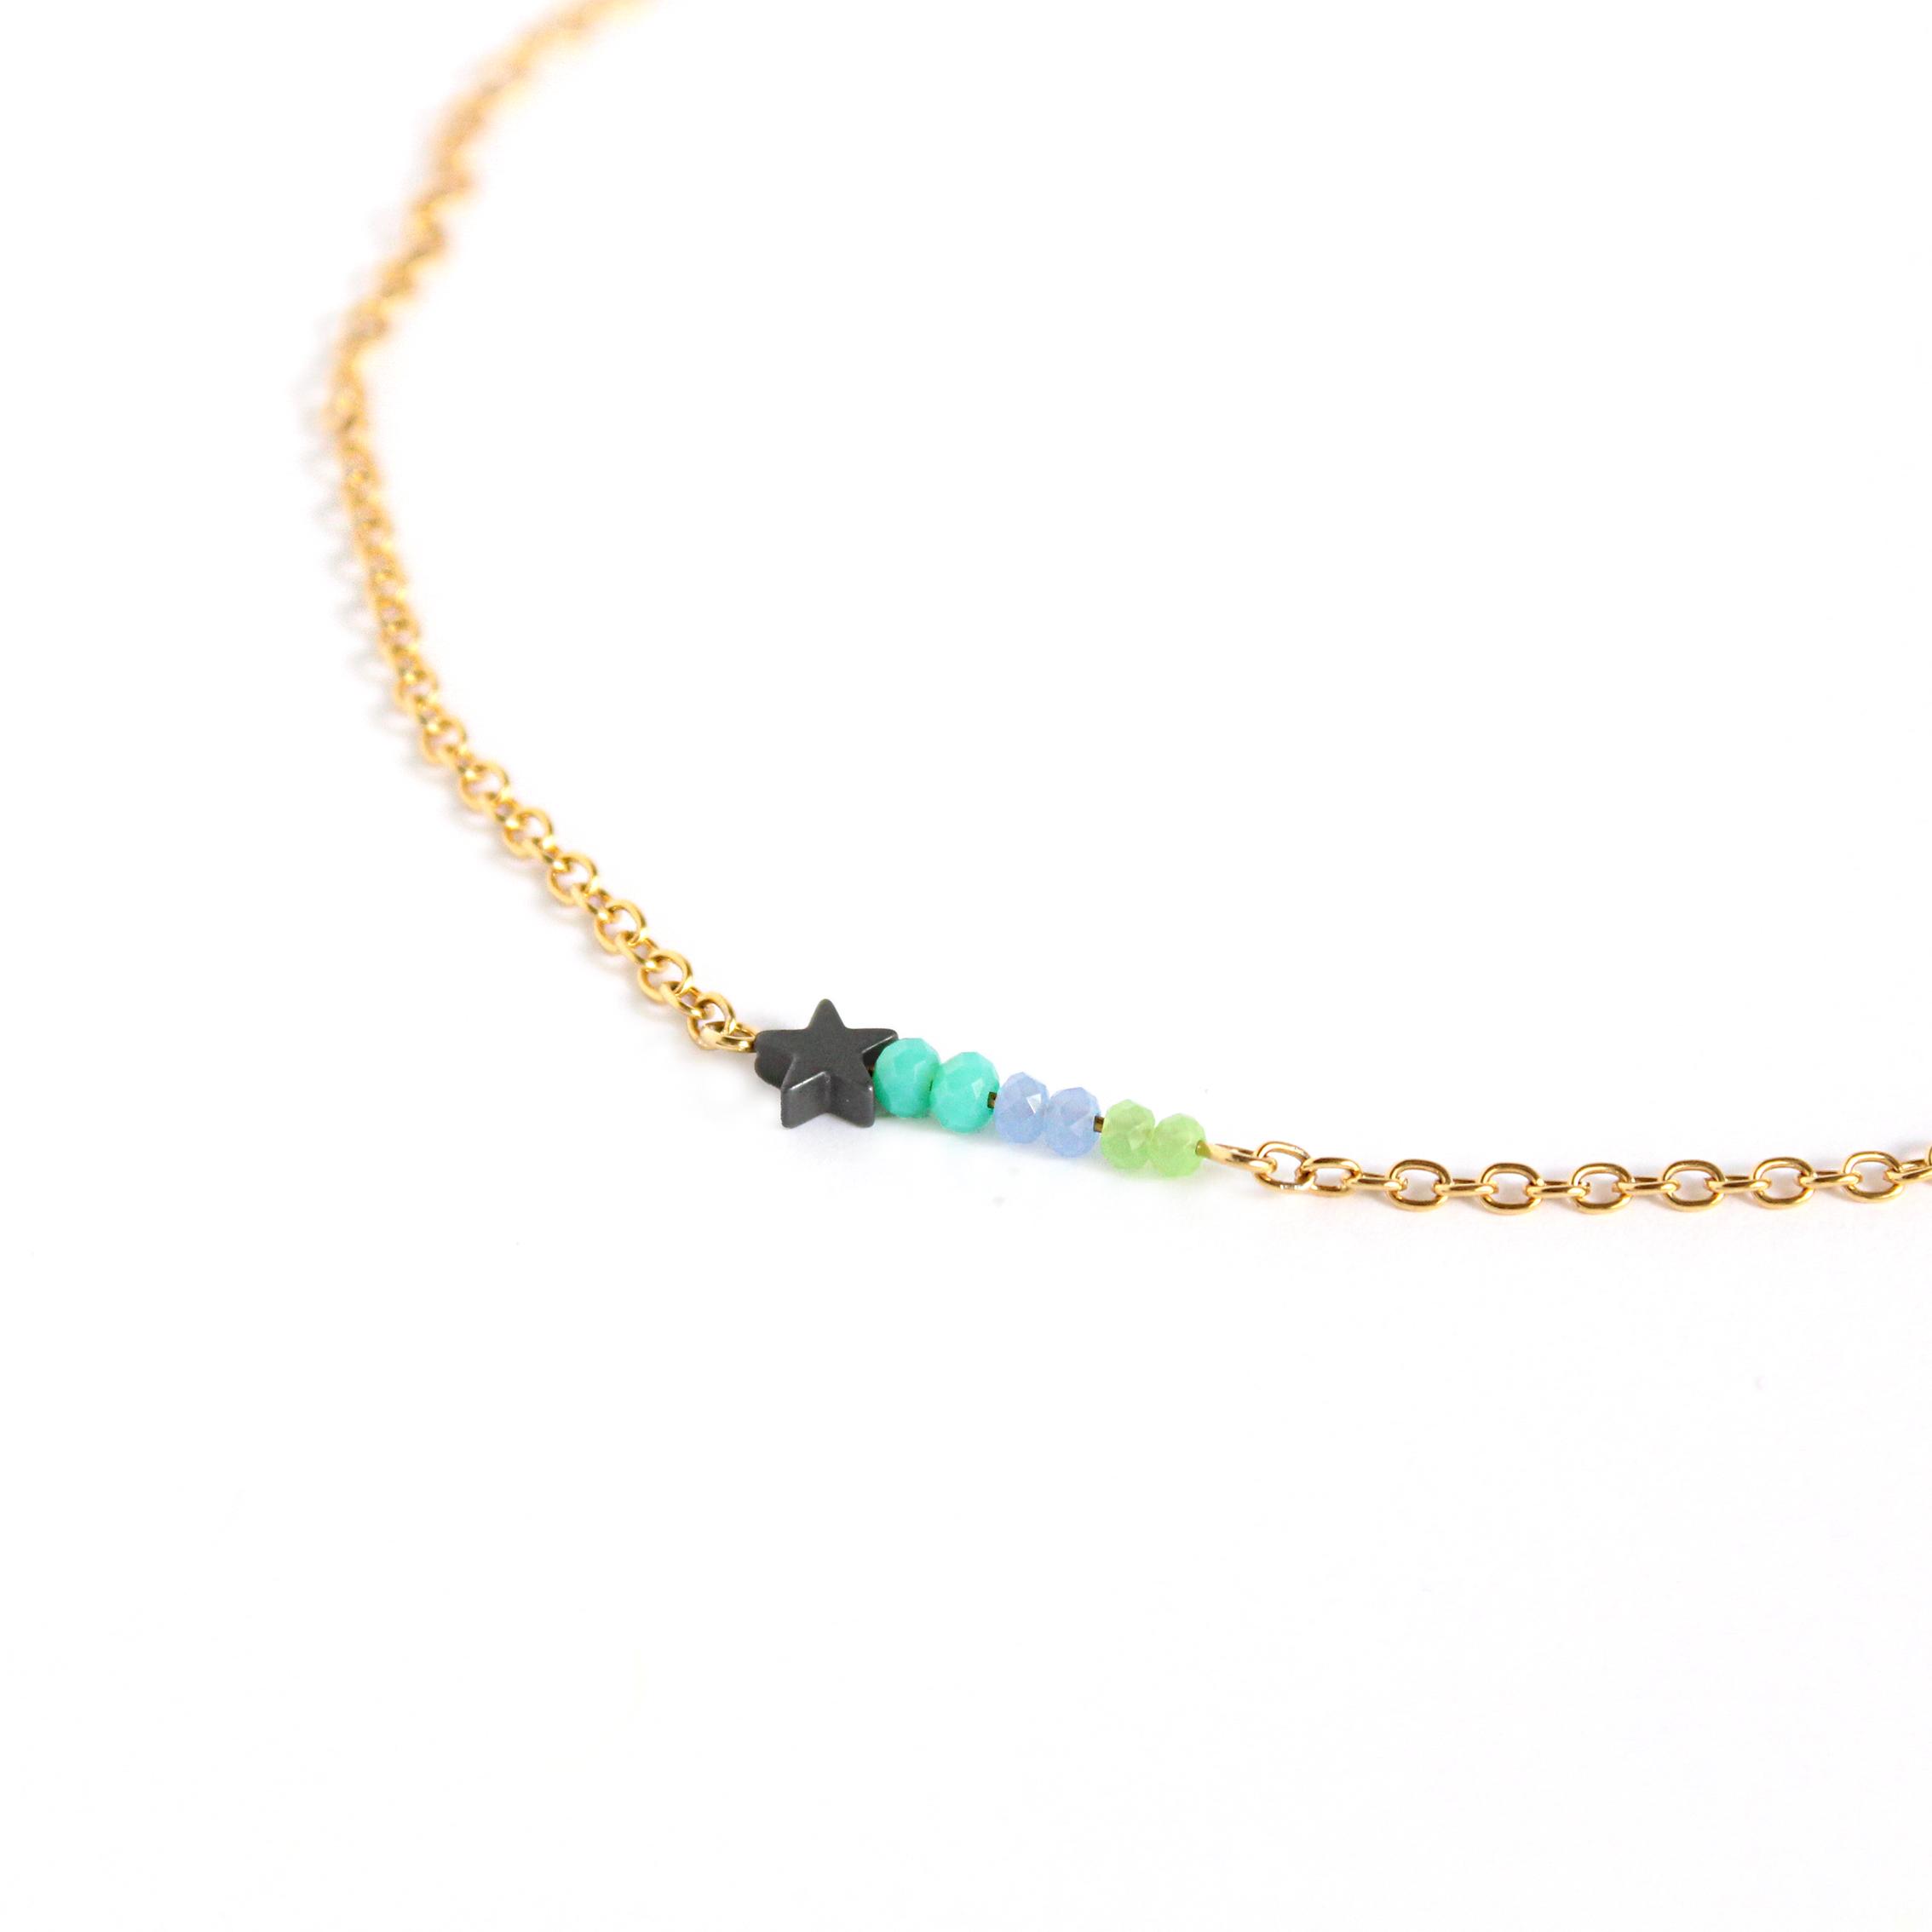 Detalle Collar con cadena de 2,3 mm de ancho Summer secrets